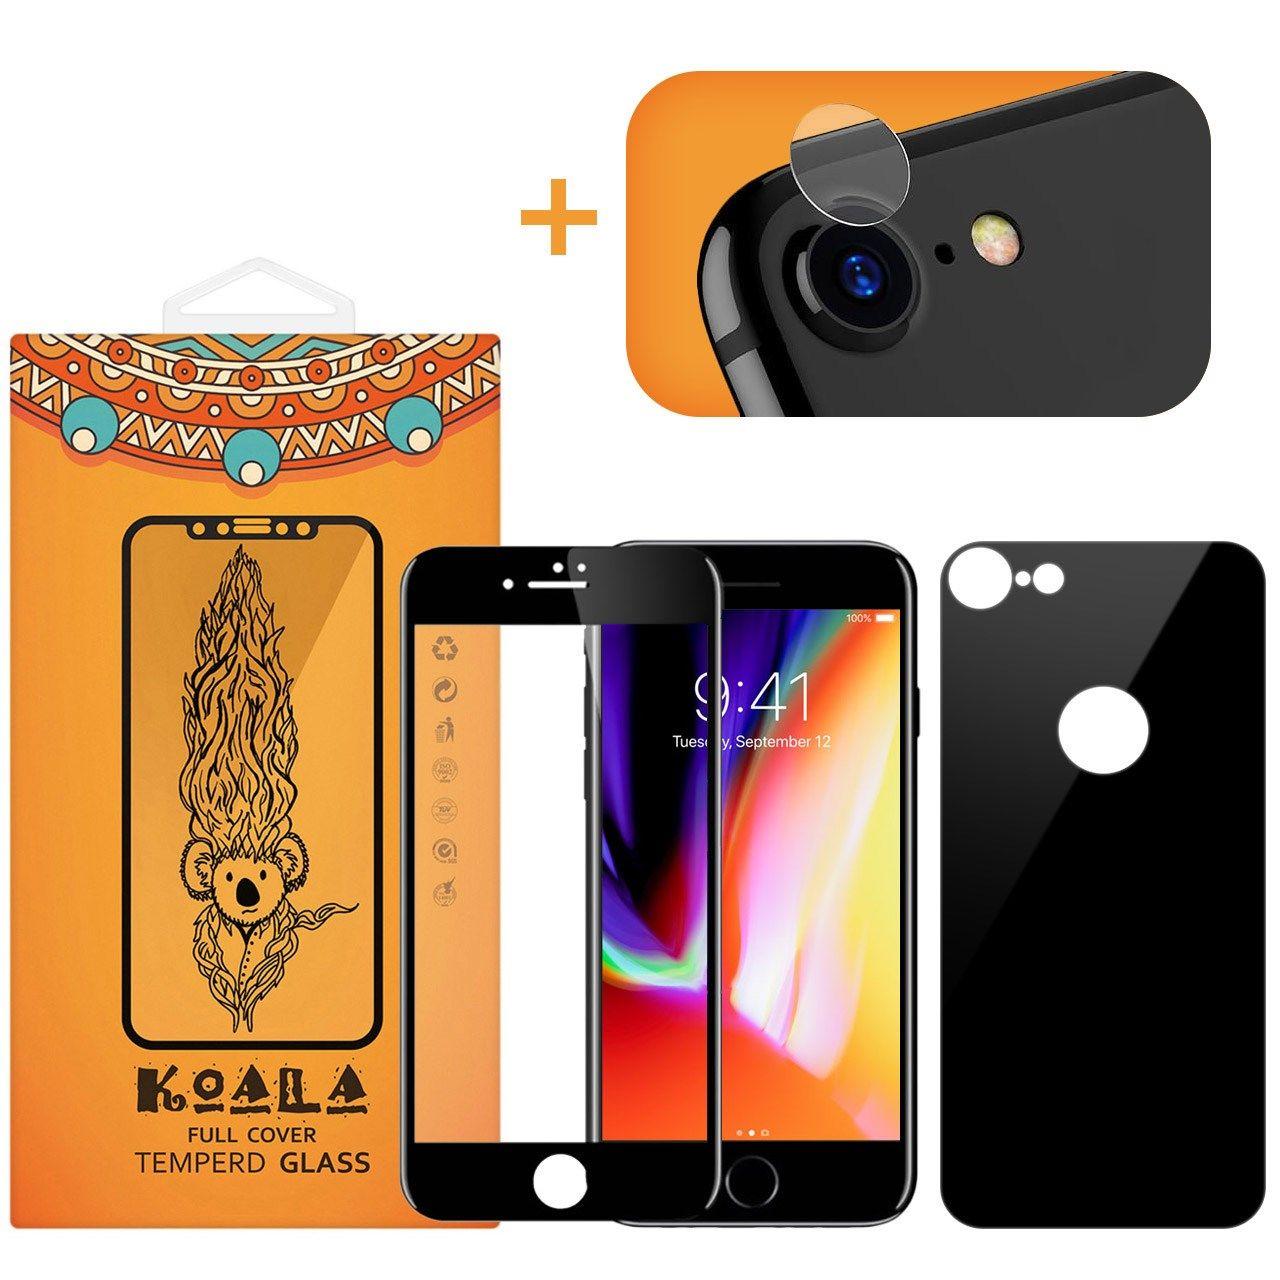 محافظ صفحه نمایش شیشه ای کوالا مدل Full Cover مناسب برای گوشی موبایل اپل آیفون 8 به همراه محافظ پشت Full Cover و محافظ لنز دوربین